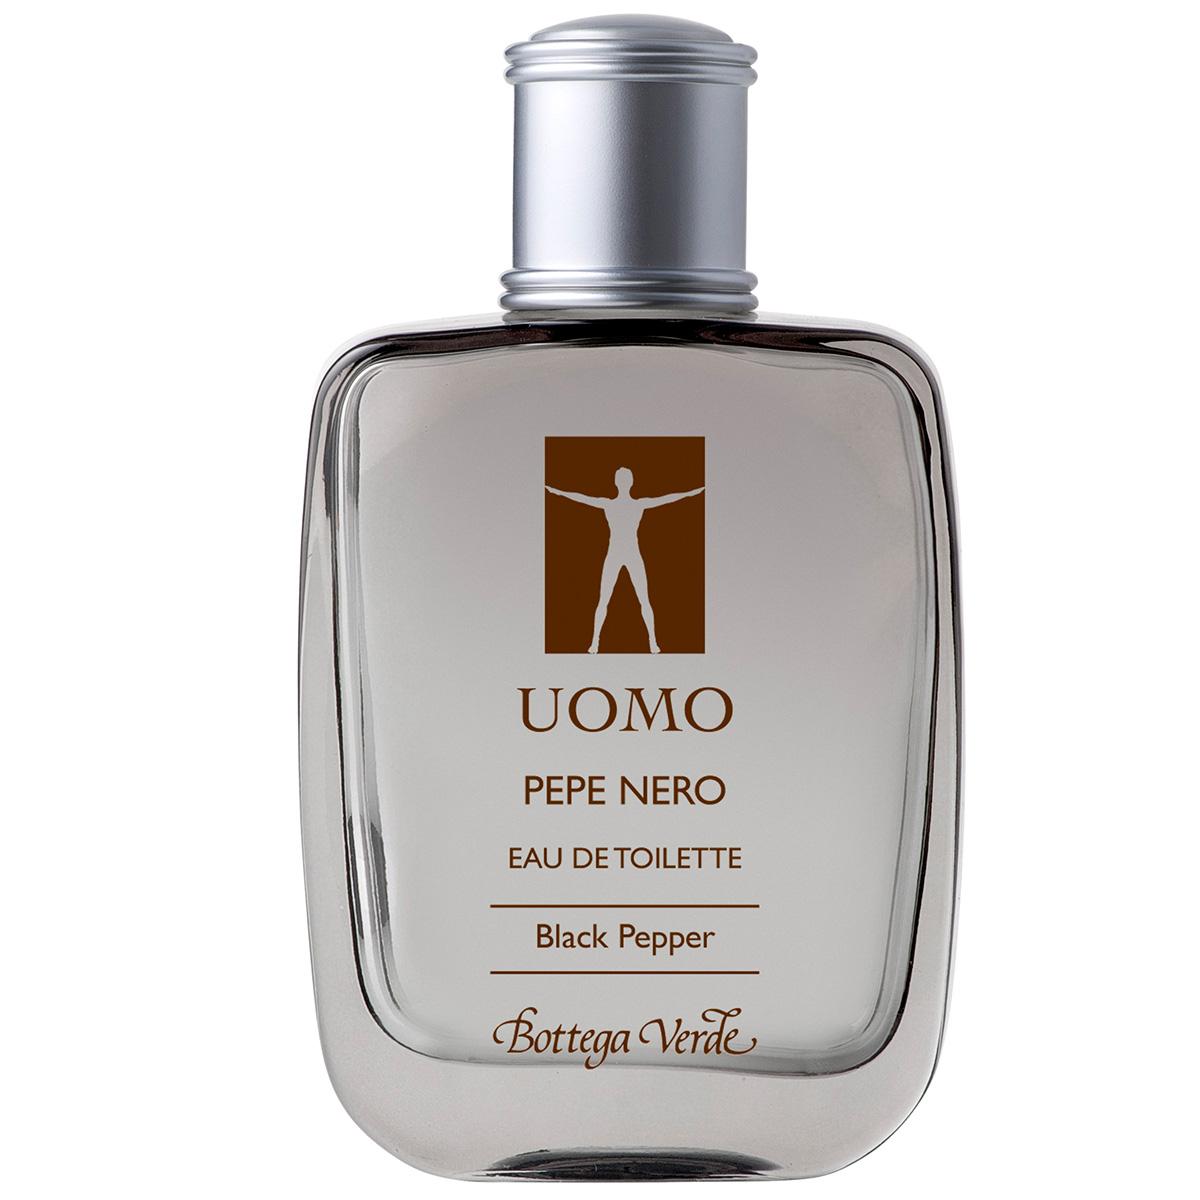 UOMO - Piper negru - Apa de toaleta spray